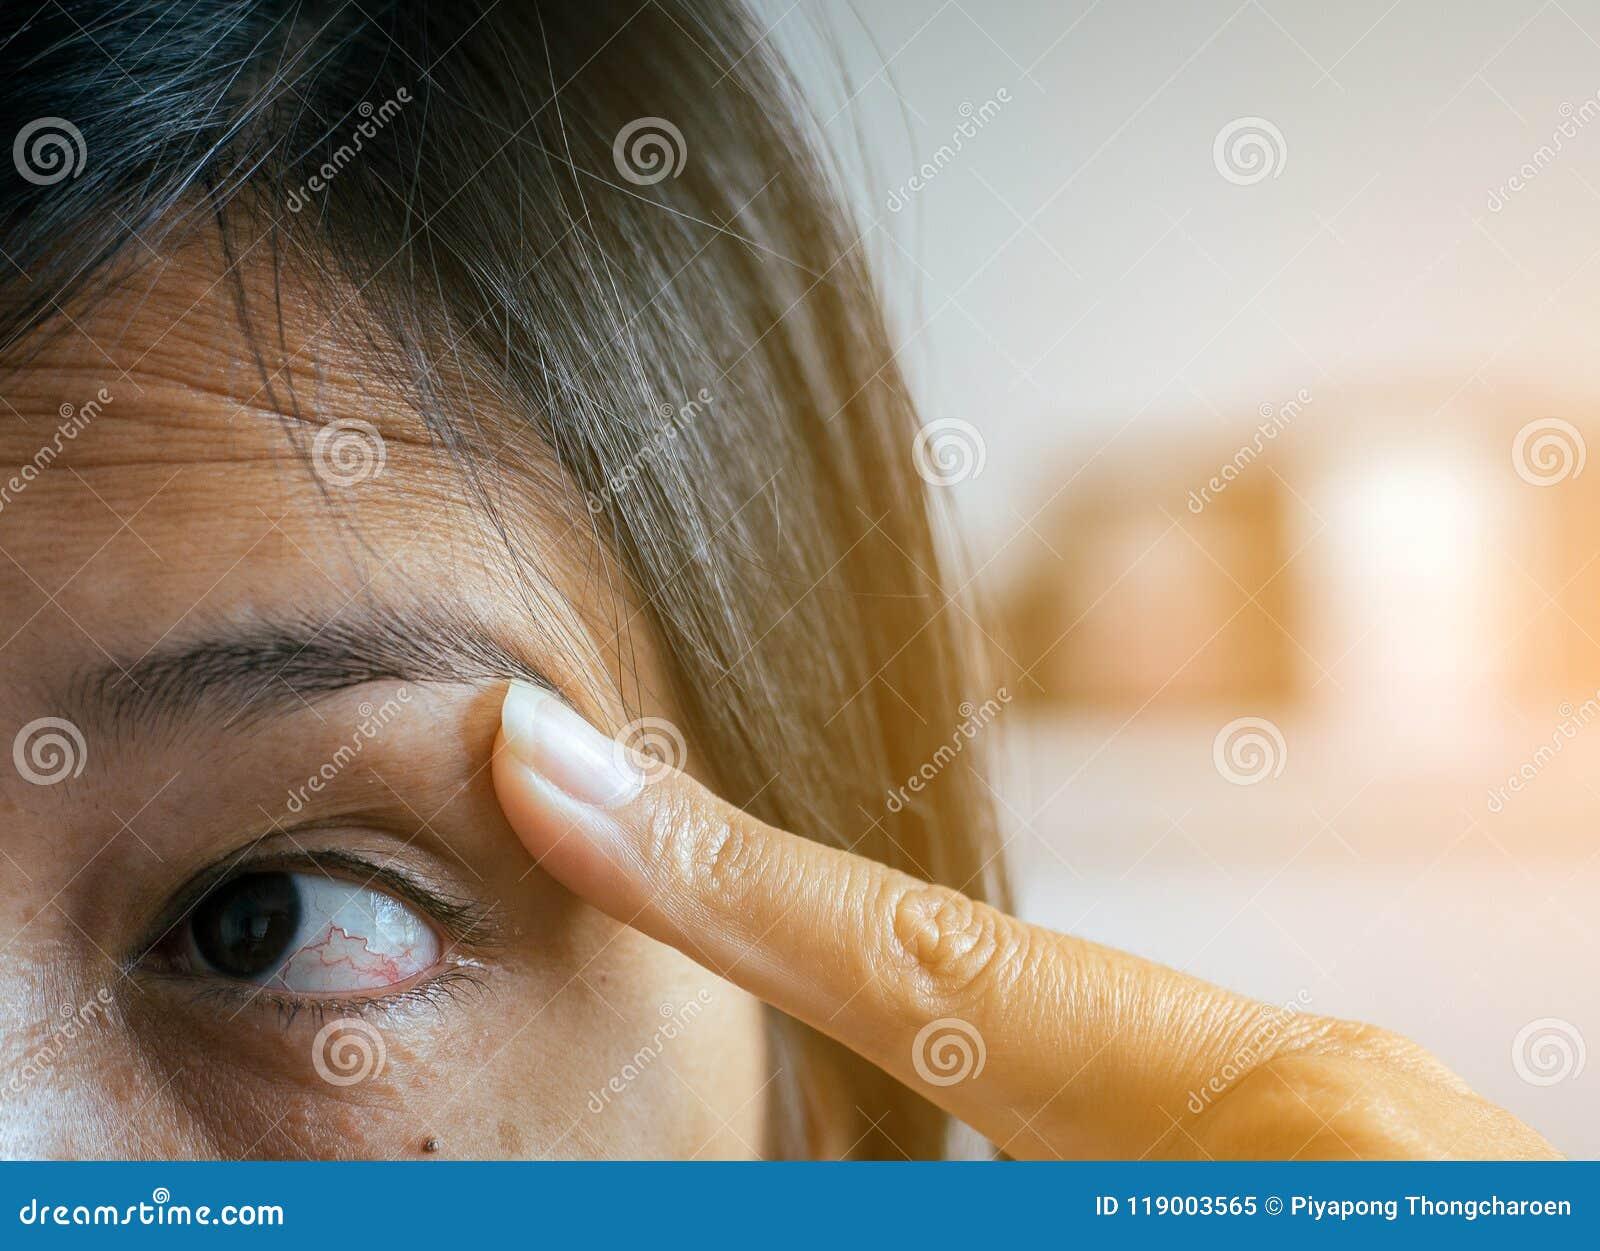 venas rojas en tus ojos